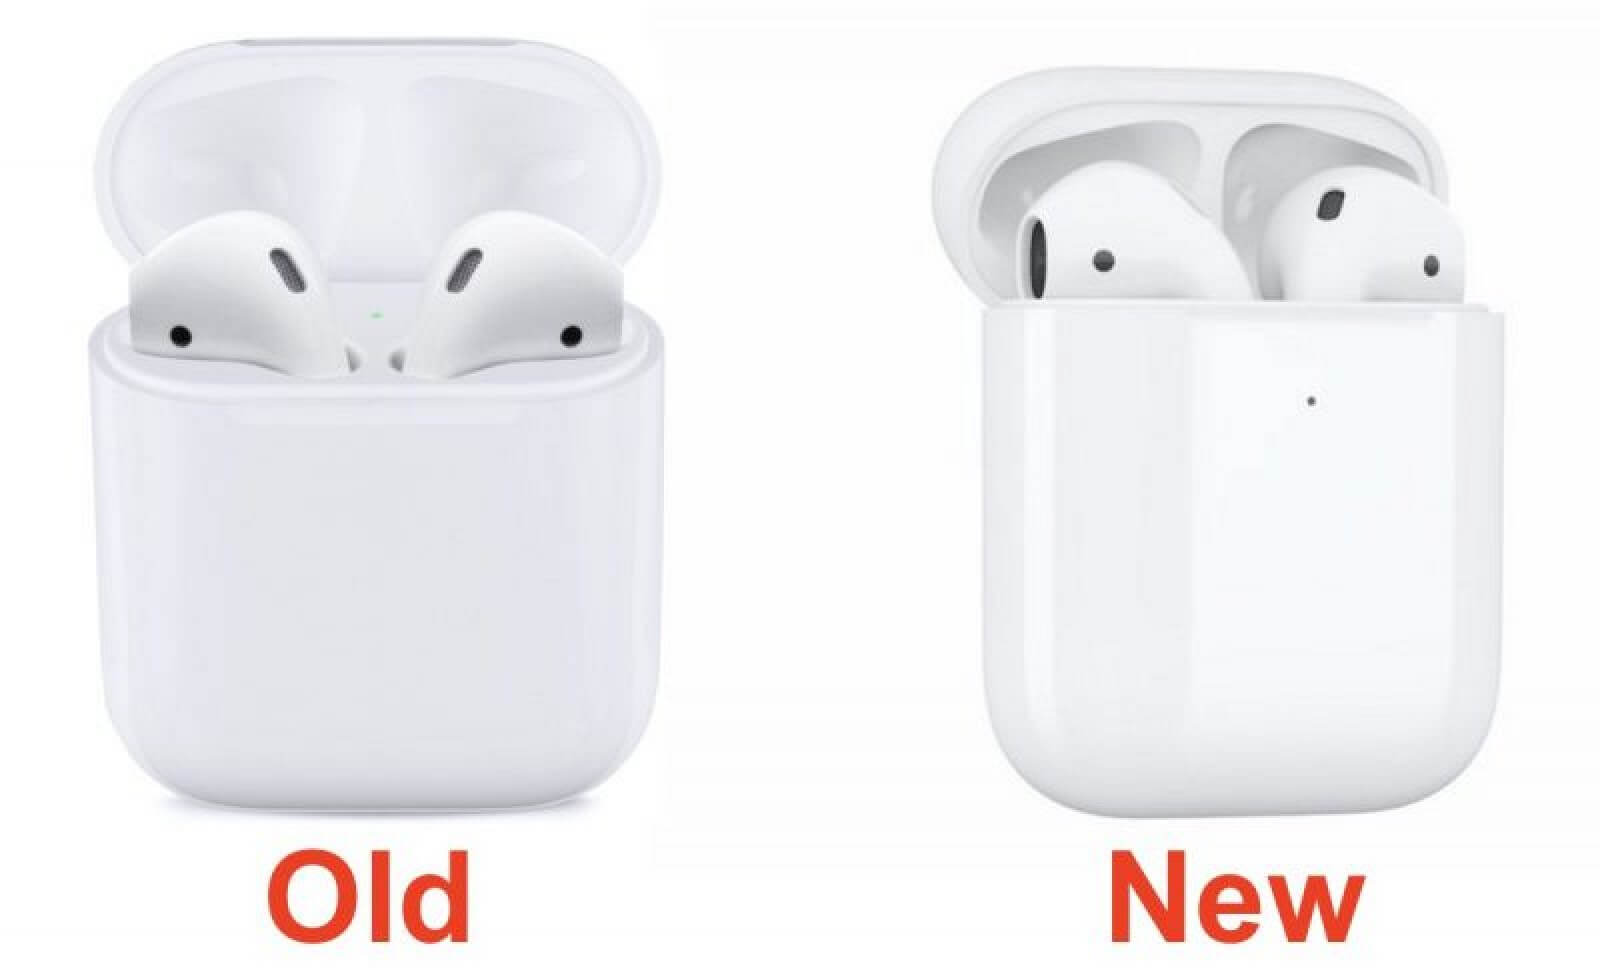 舊版AirPods與新版AirPods充電盒差異